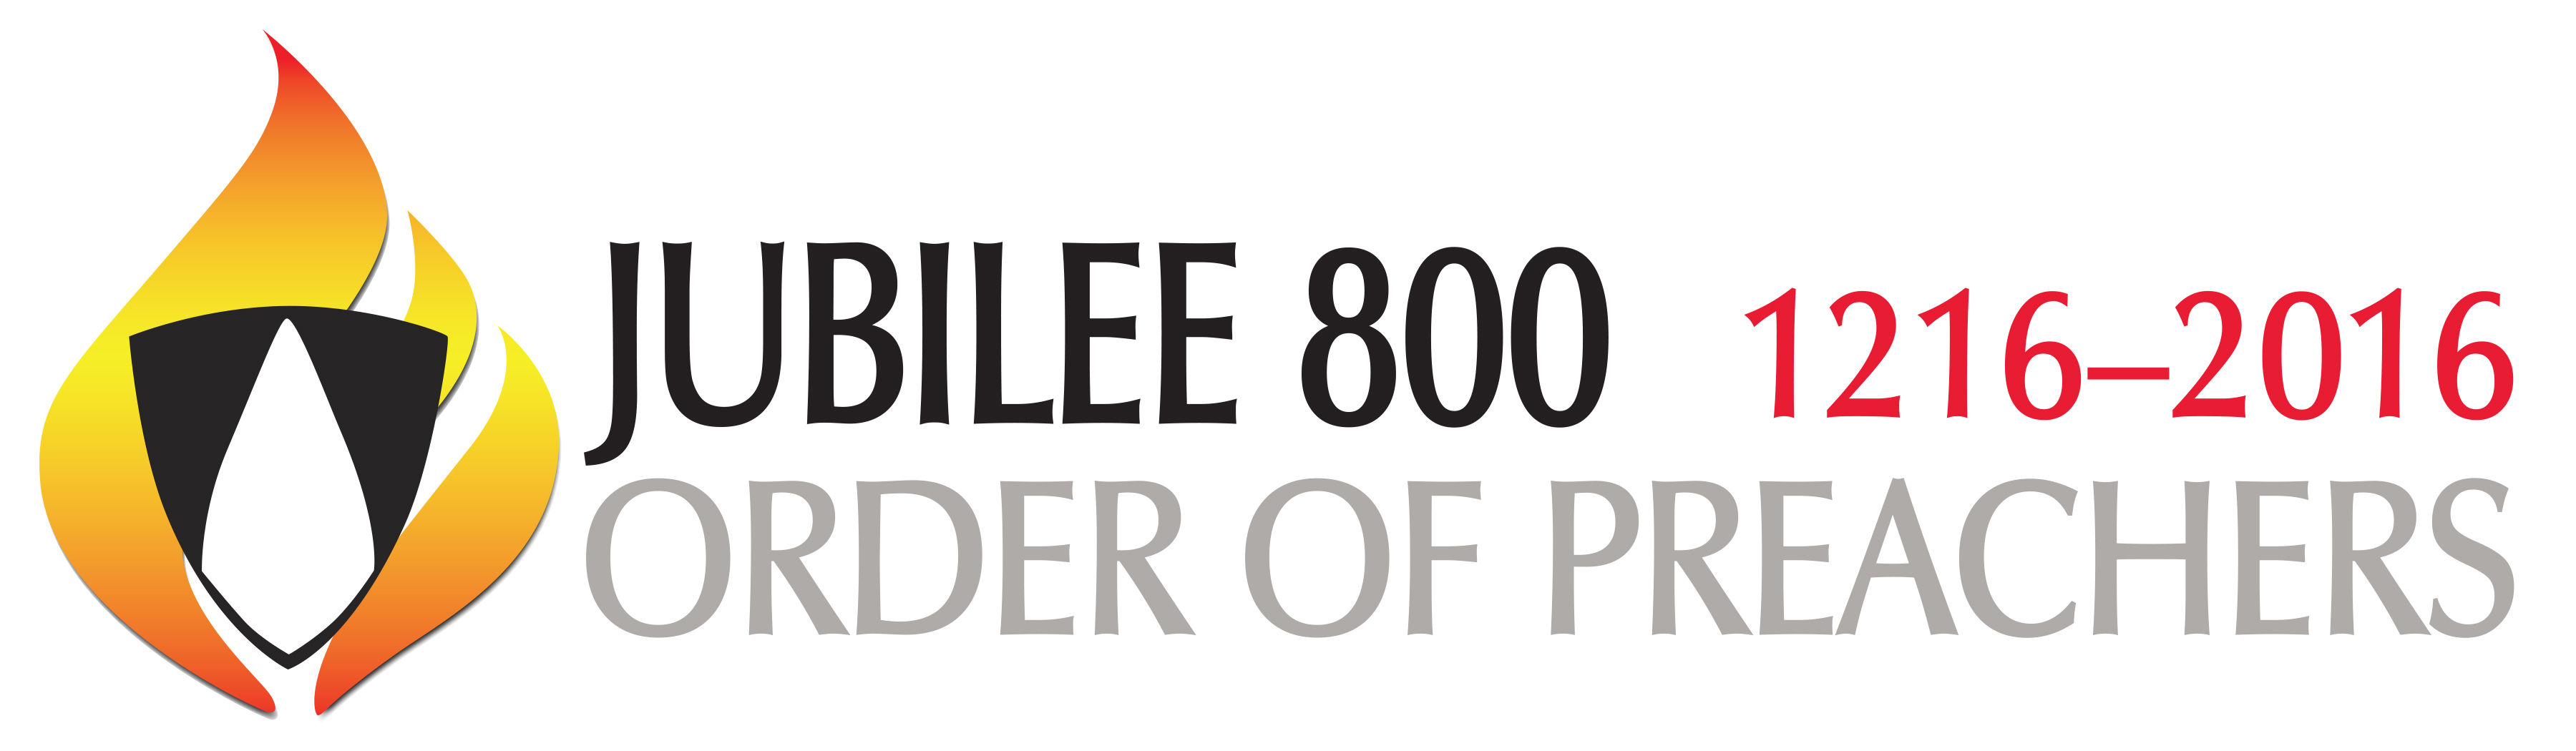 Jubilee800Logo-12x3.5in